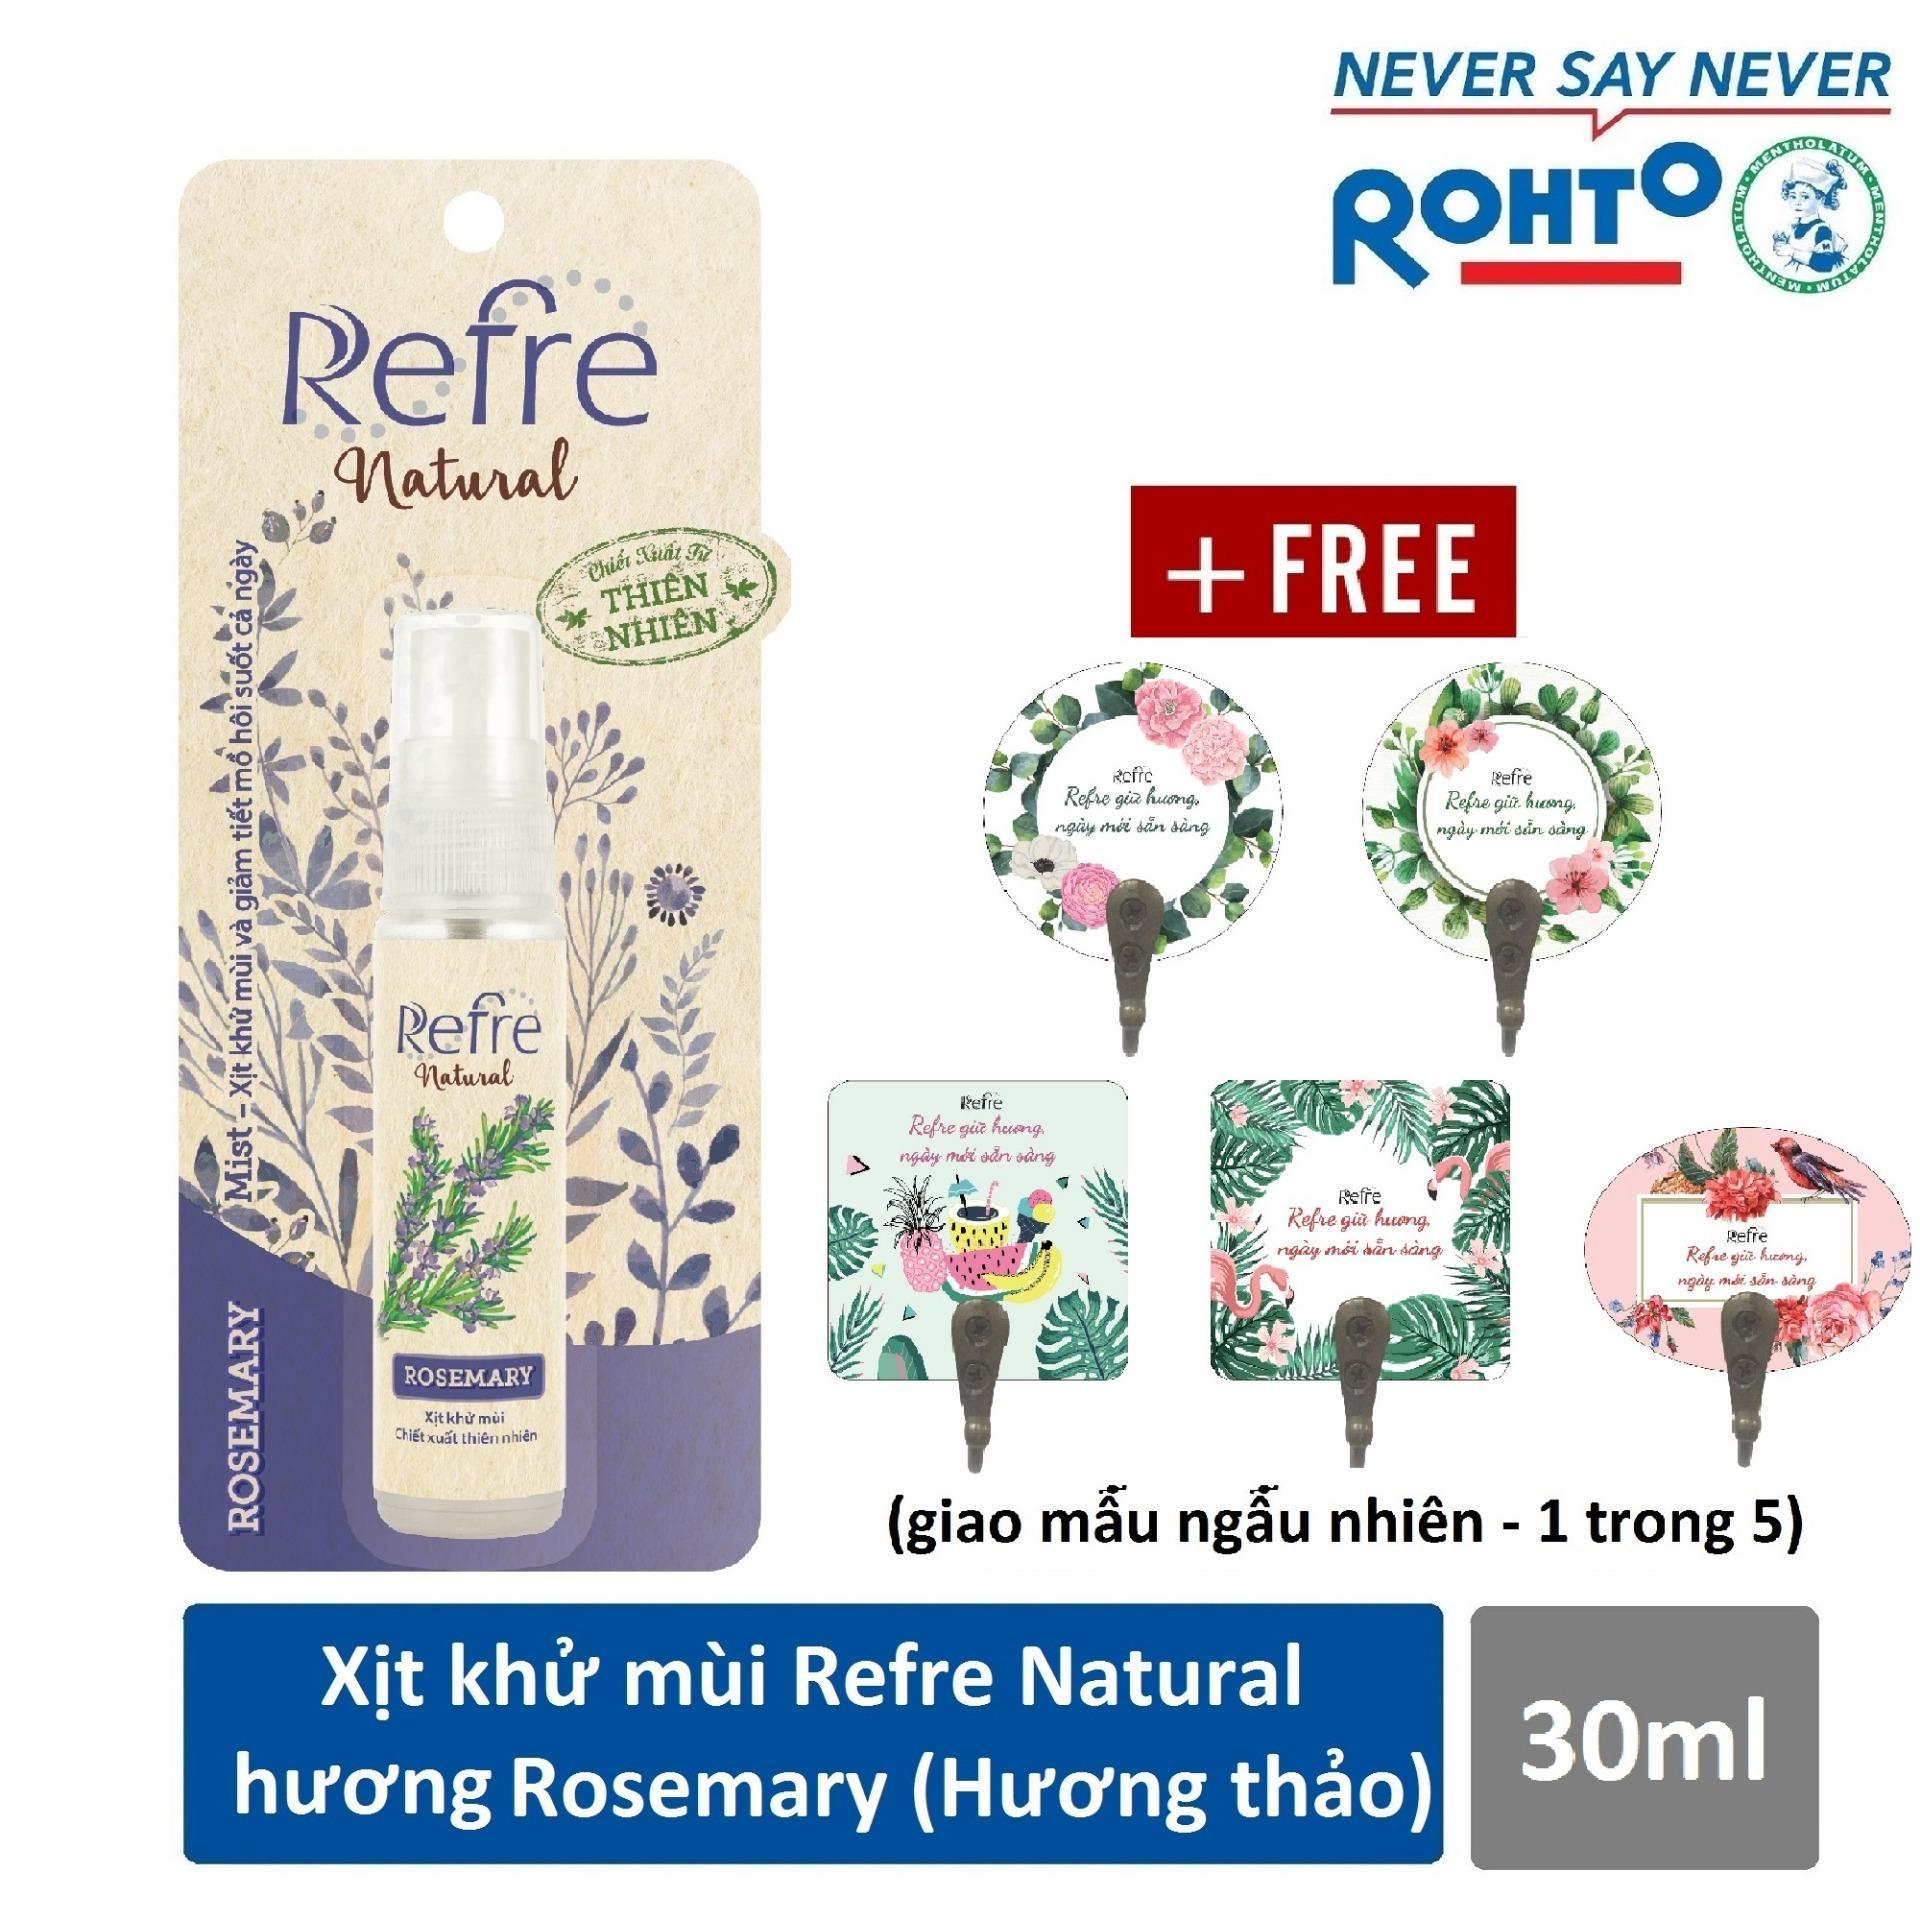 Xịt Khử Mùi Refre Natural Rosemary Hương Hương Thảo (30ml) + Tặng móc gỗ dán tường xinh xắn cao cấp